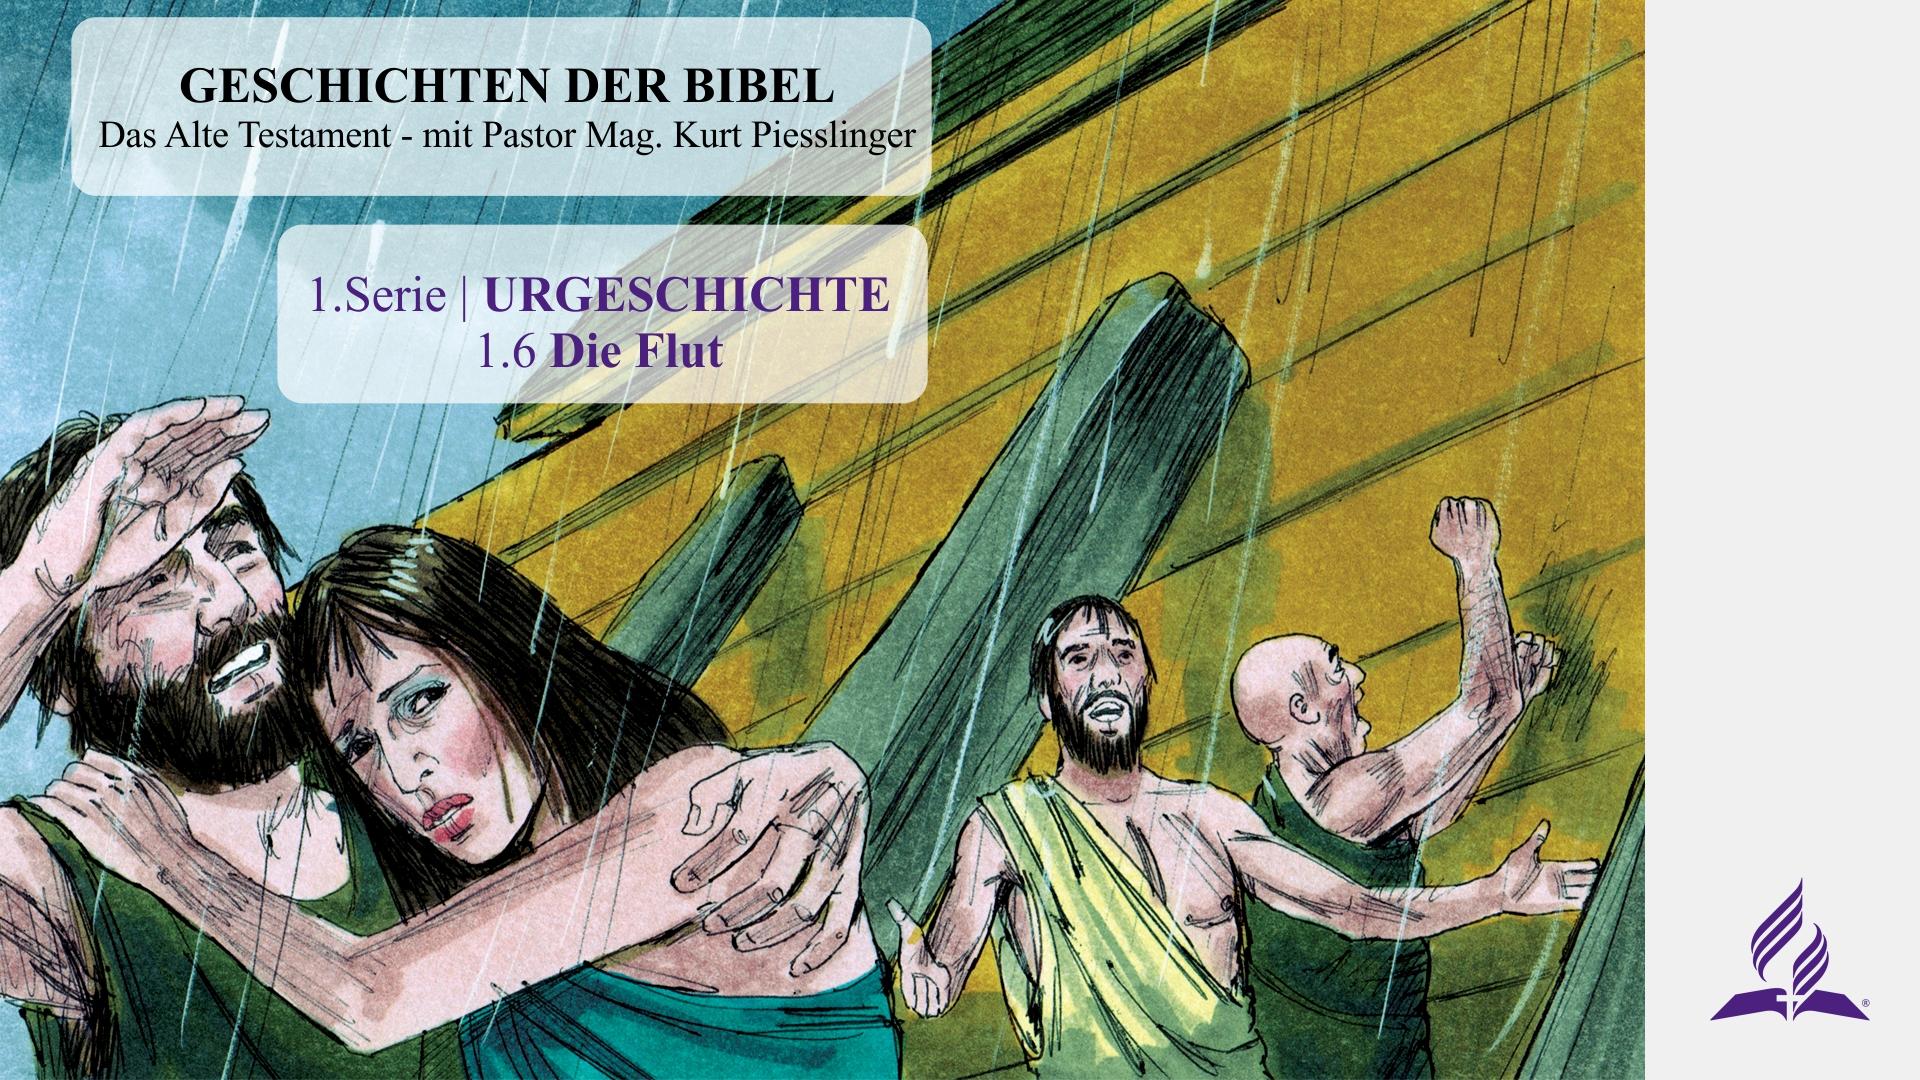 1.6 Die Flut – URGESCHICHTE | Pastor Mag. Kurt Piesslinger